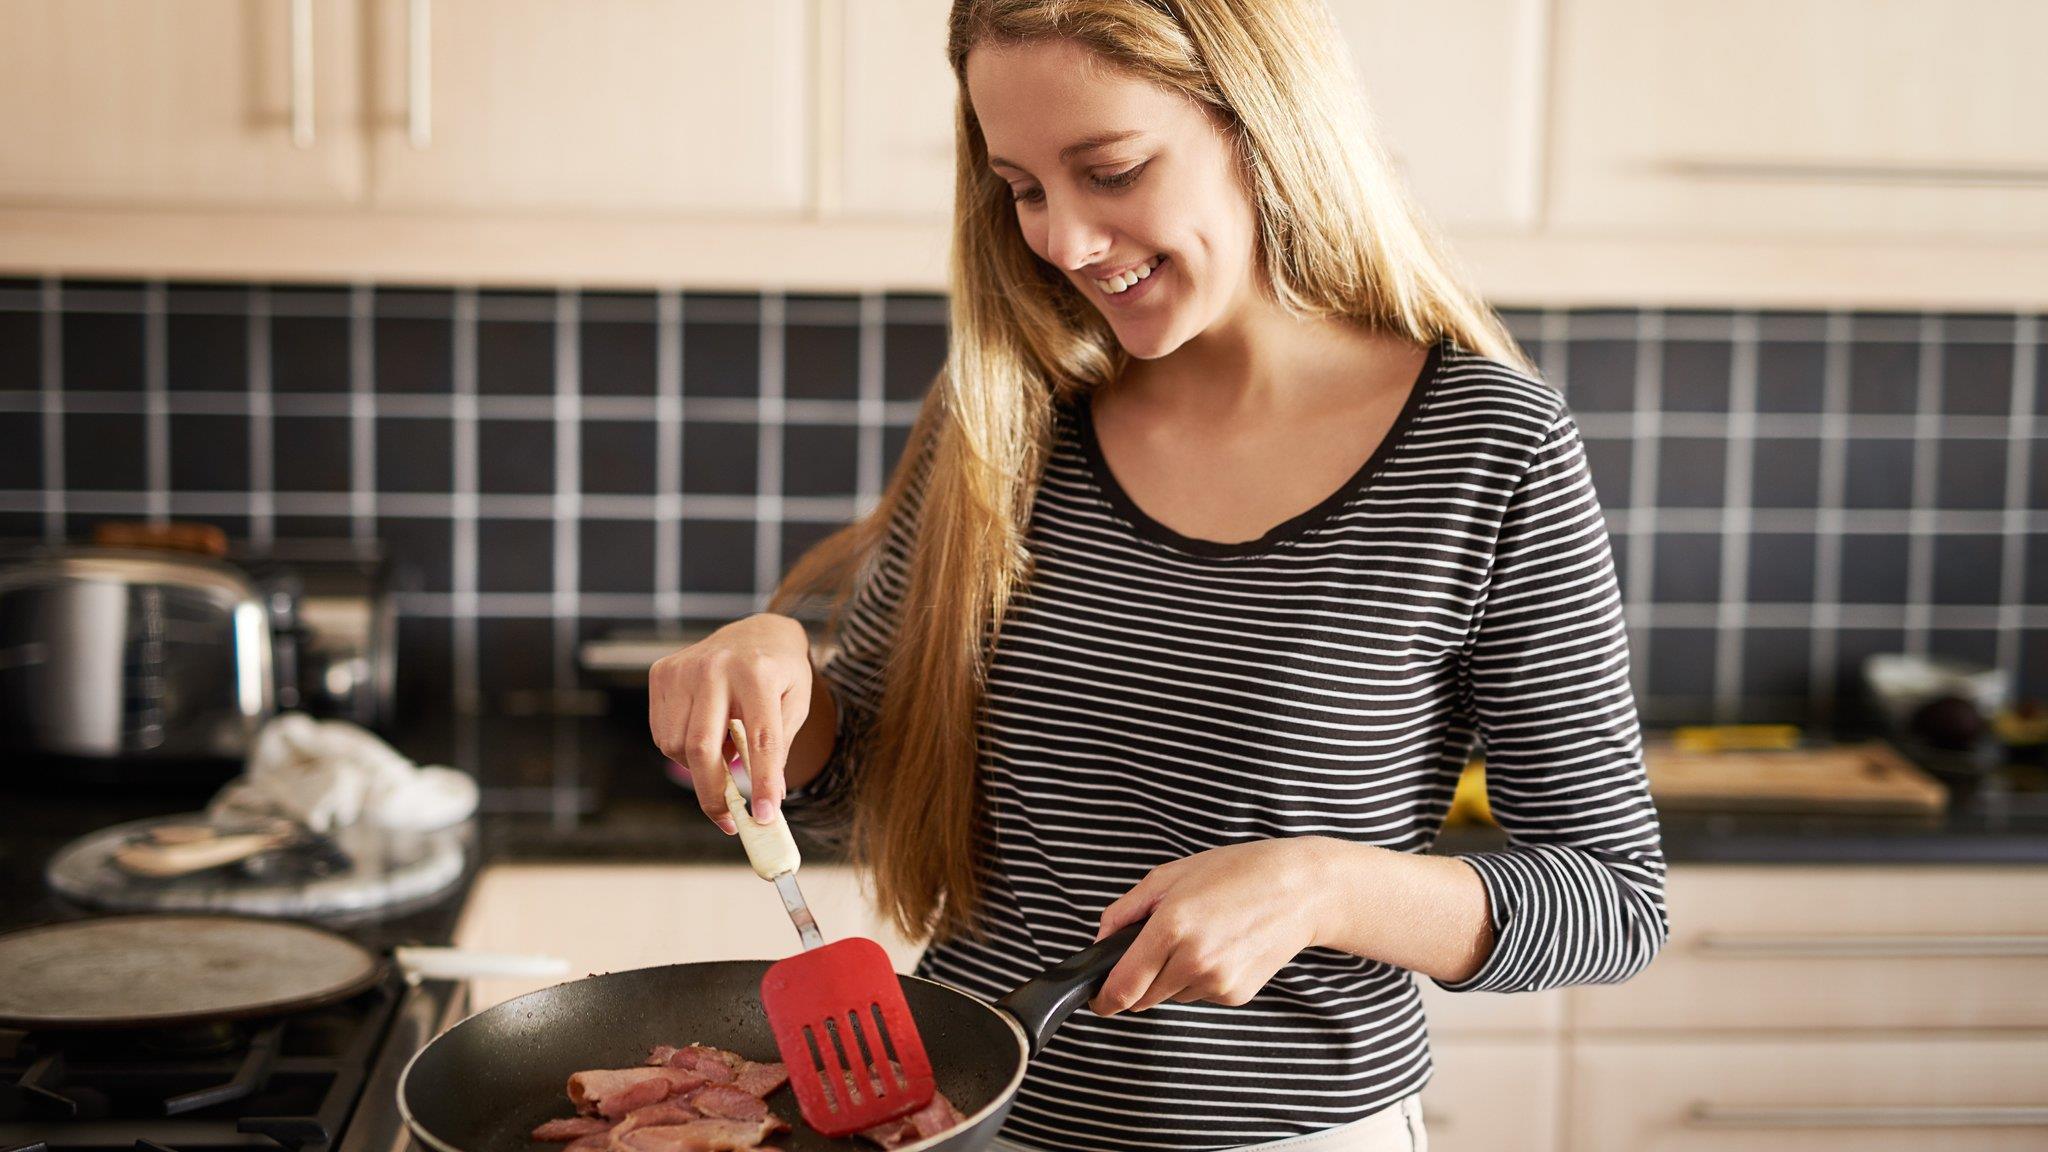 食品與健康:到底該不該多吃紅肉?